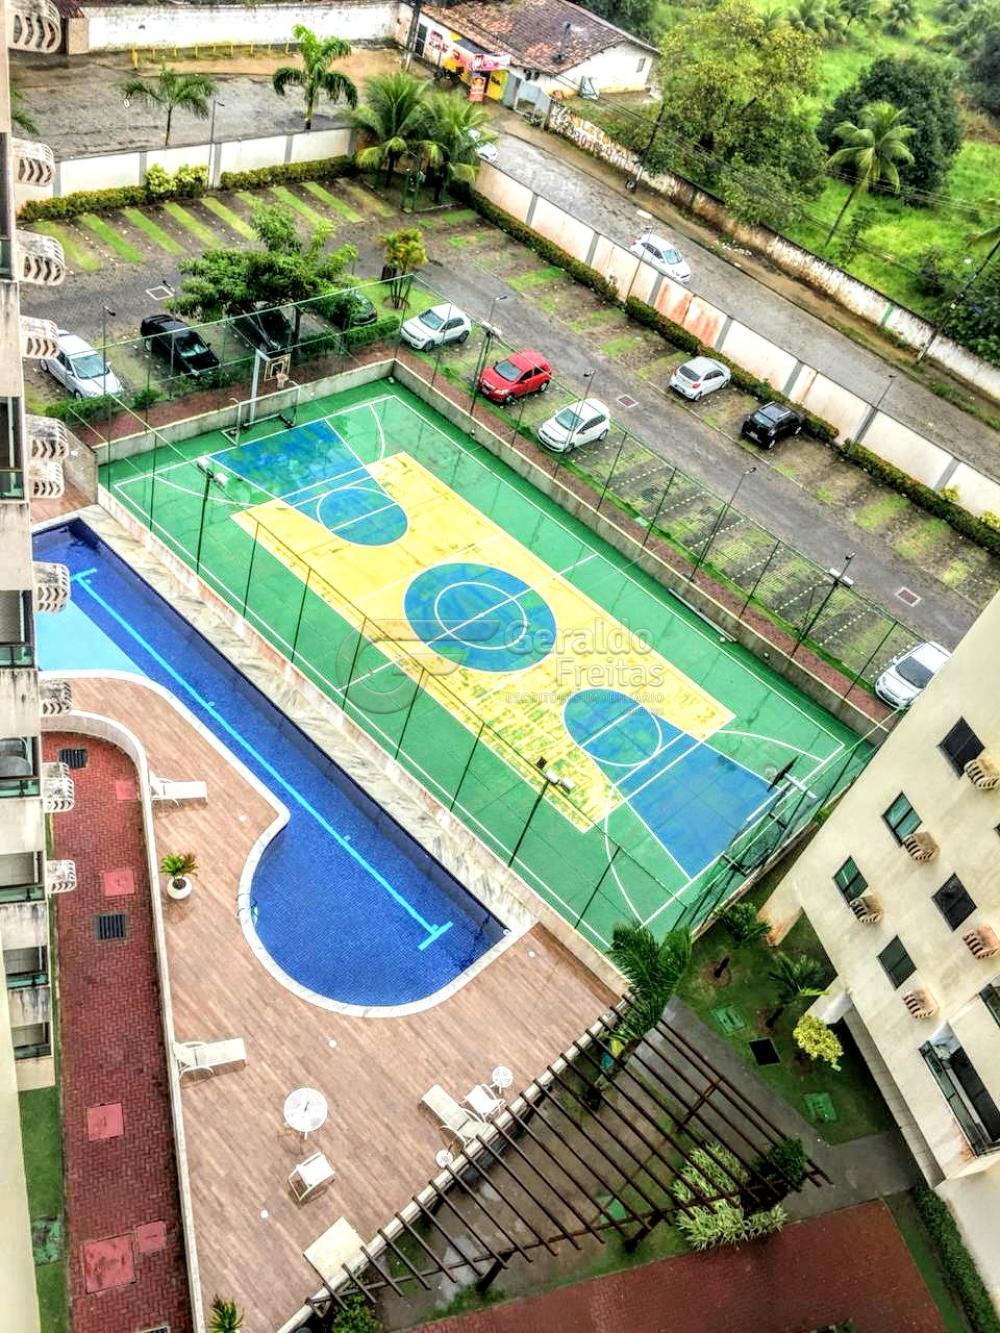 Comprar Apartamentos / Padrão em Maceió apenas R$ 190.000,00 - Foto 10